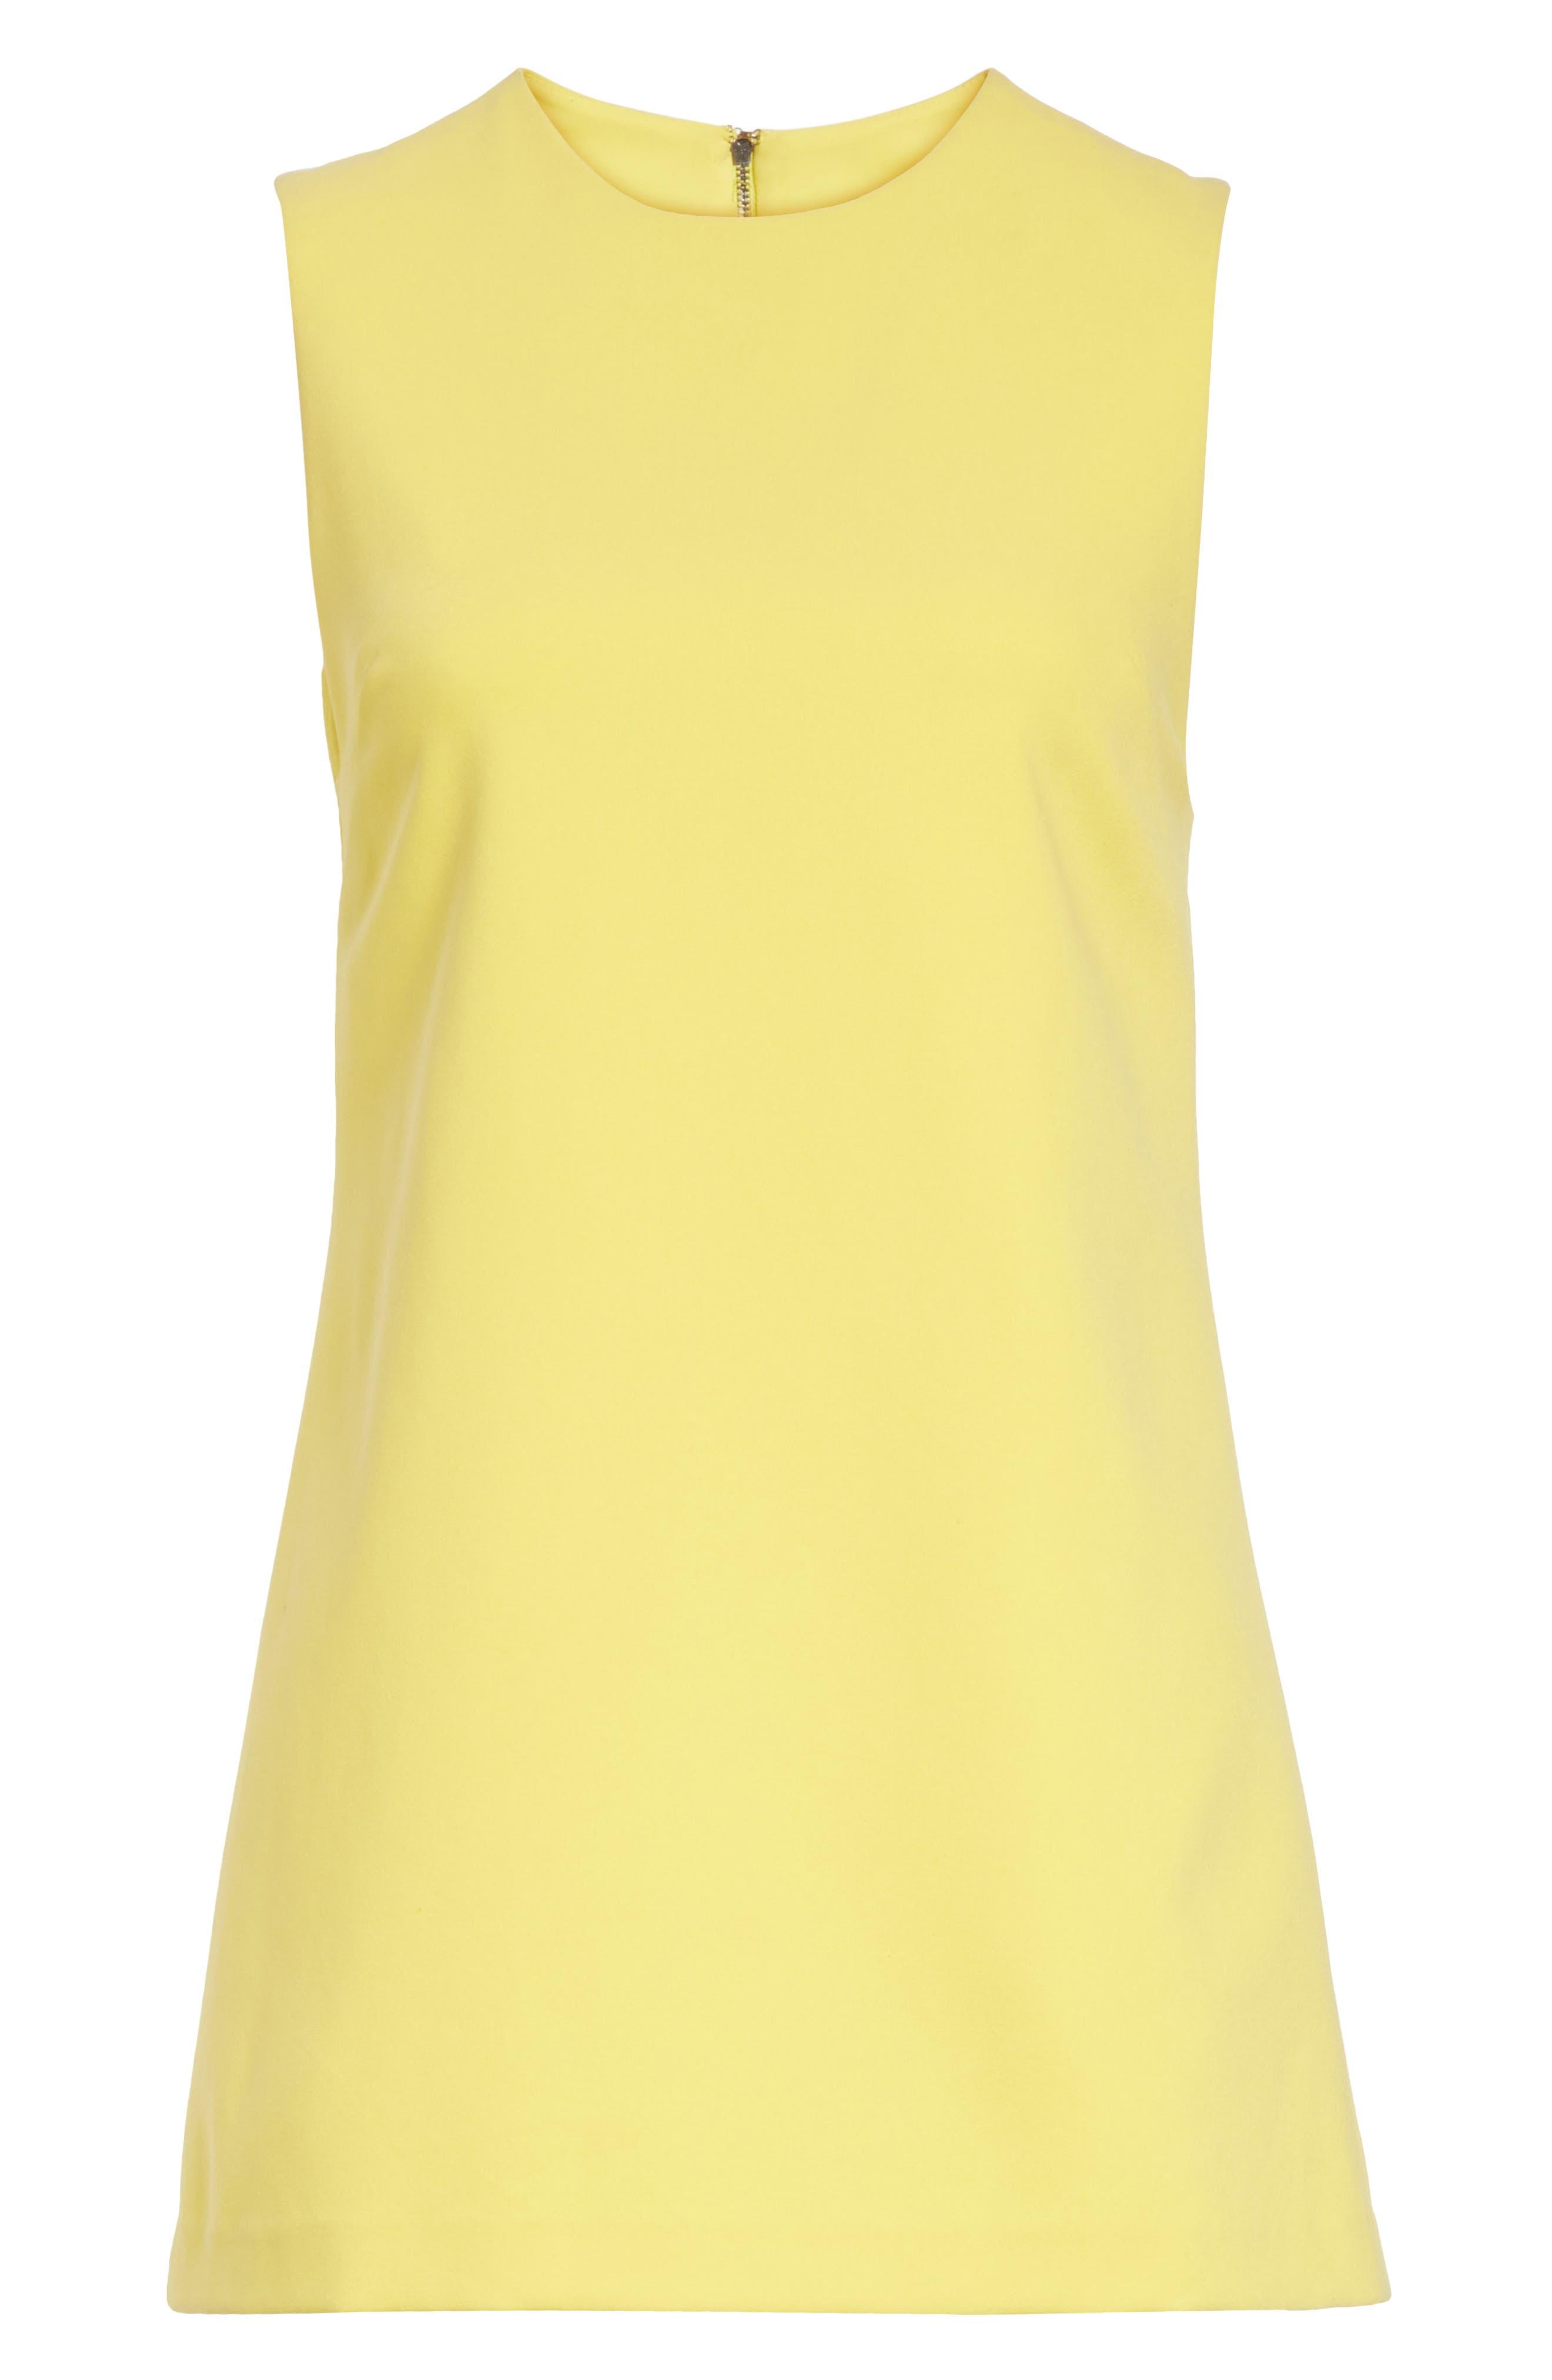 Coley A-Line Dress,                             Alternate thumbnail 6, color,                             Lemon